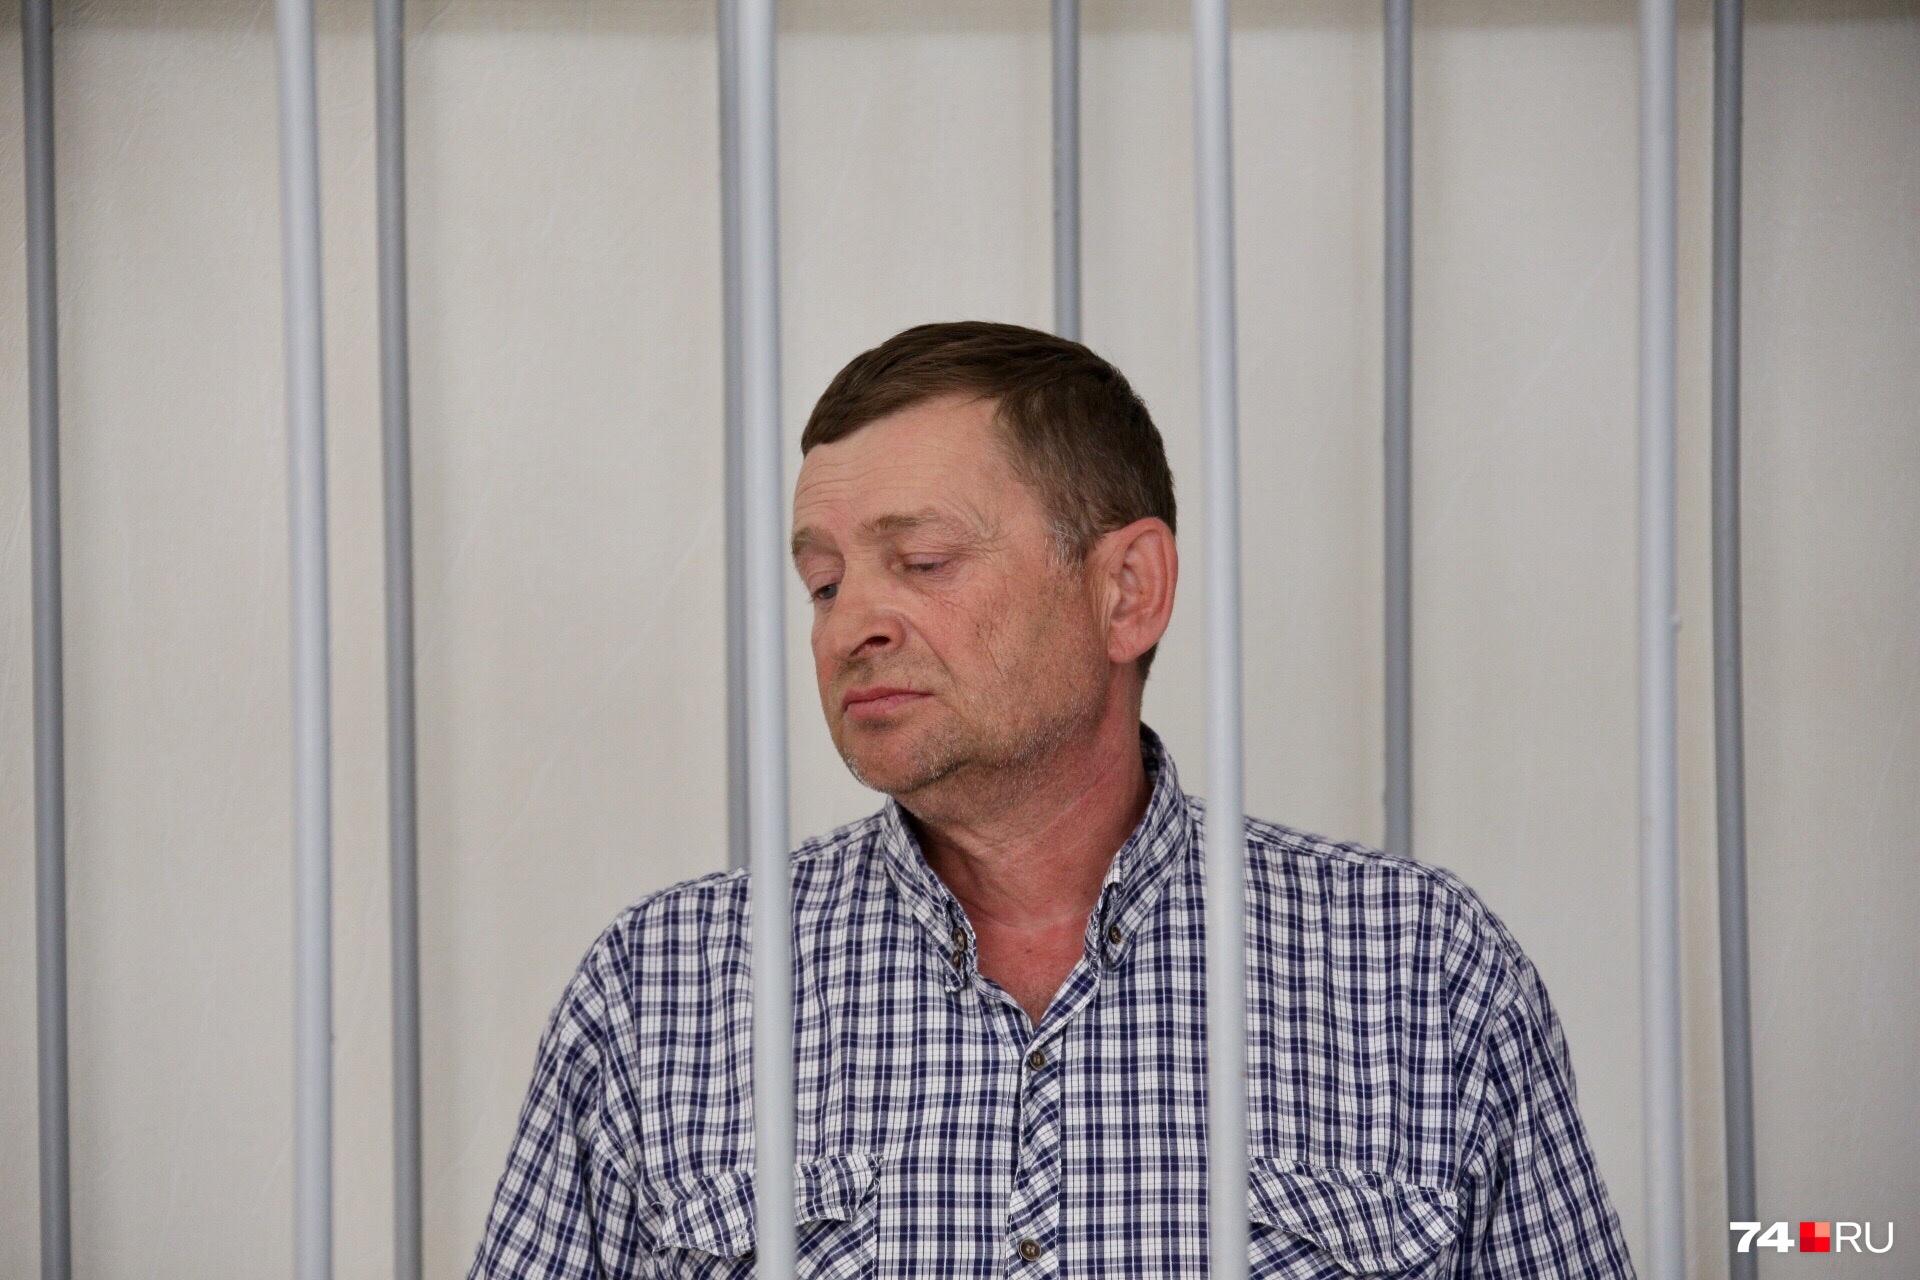 Азат Зарипов, по его словам, не смог закрыть глаза на поведение жены, которая решила уйти от него